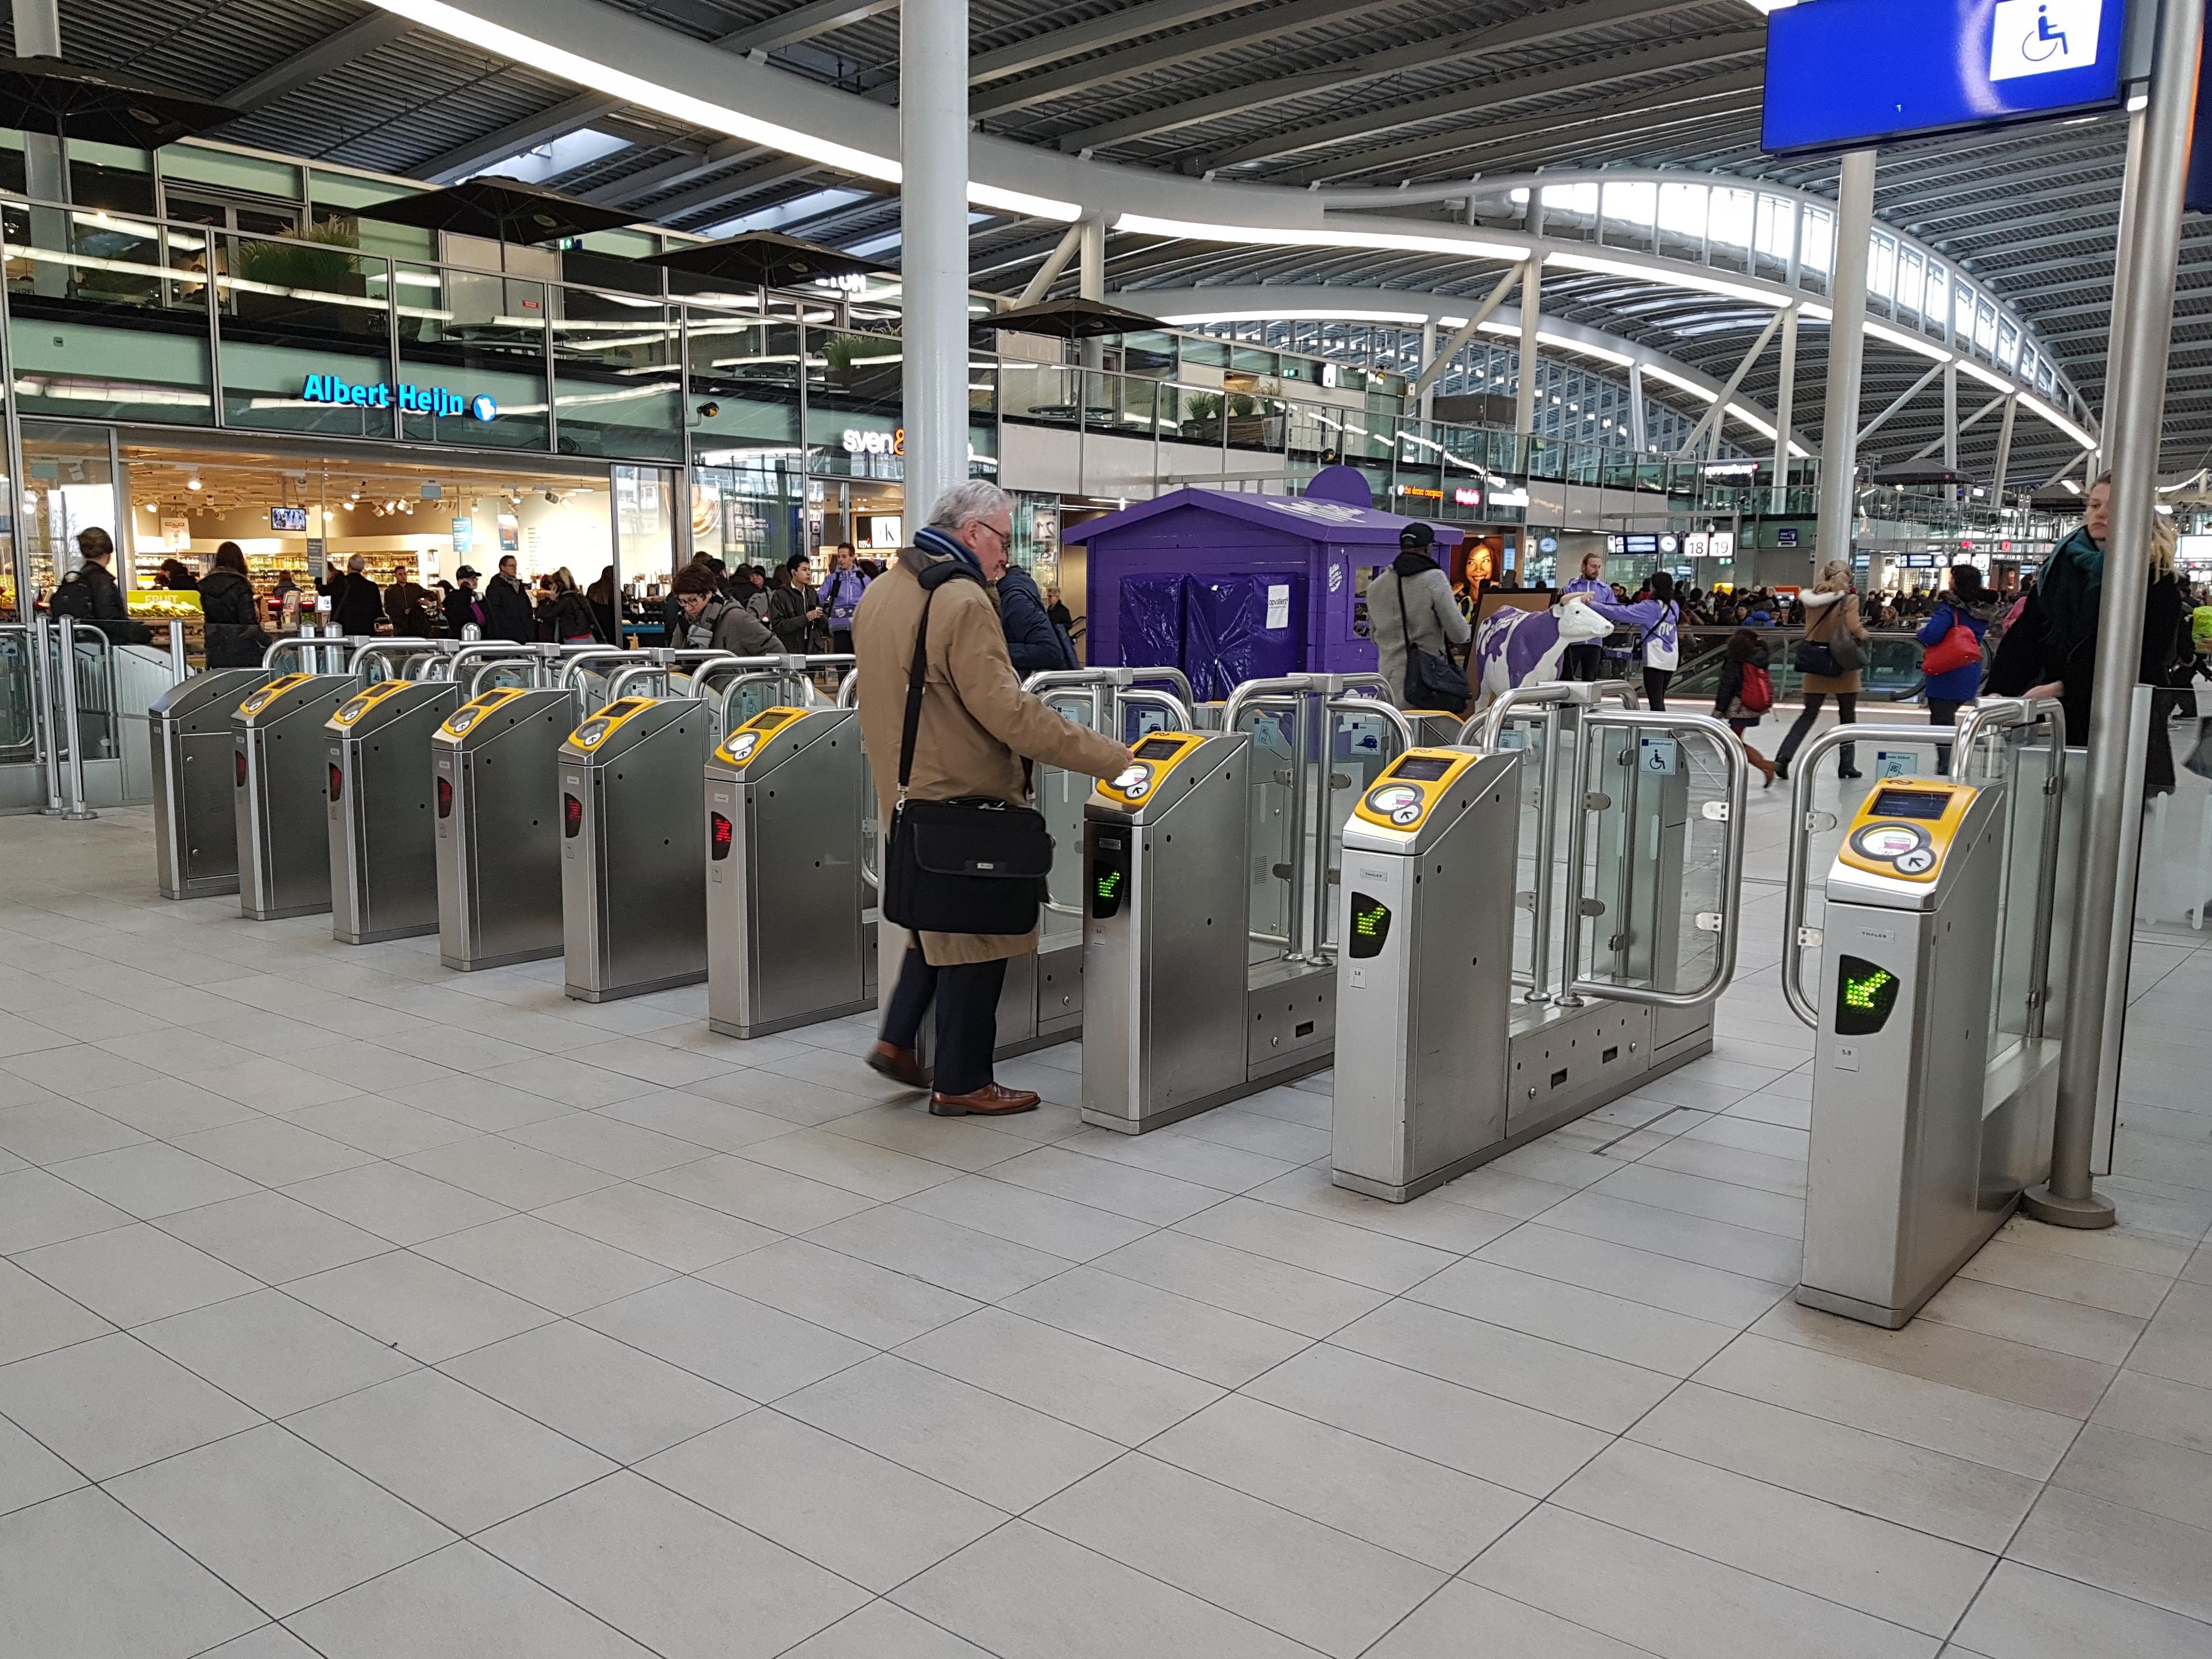 Incheck-poorten op Utrecht CS